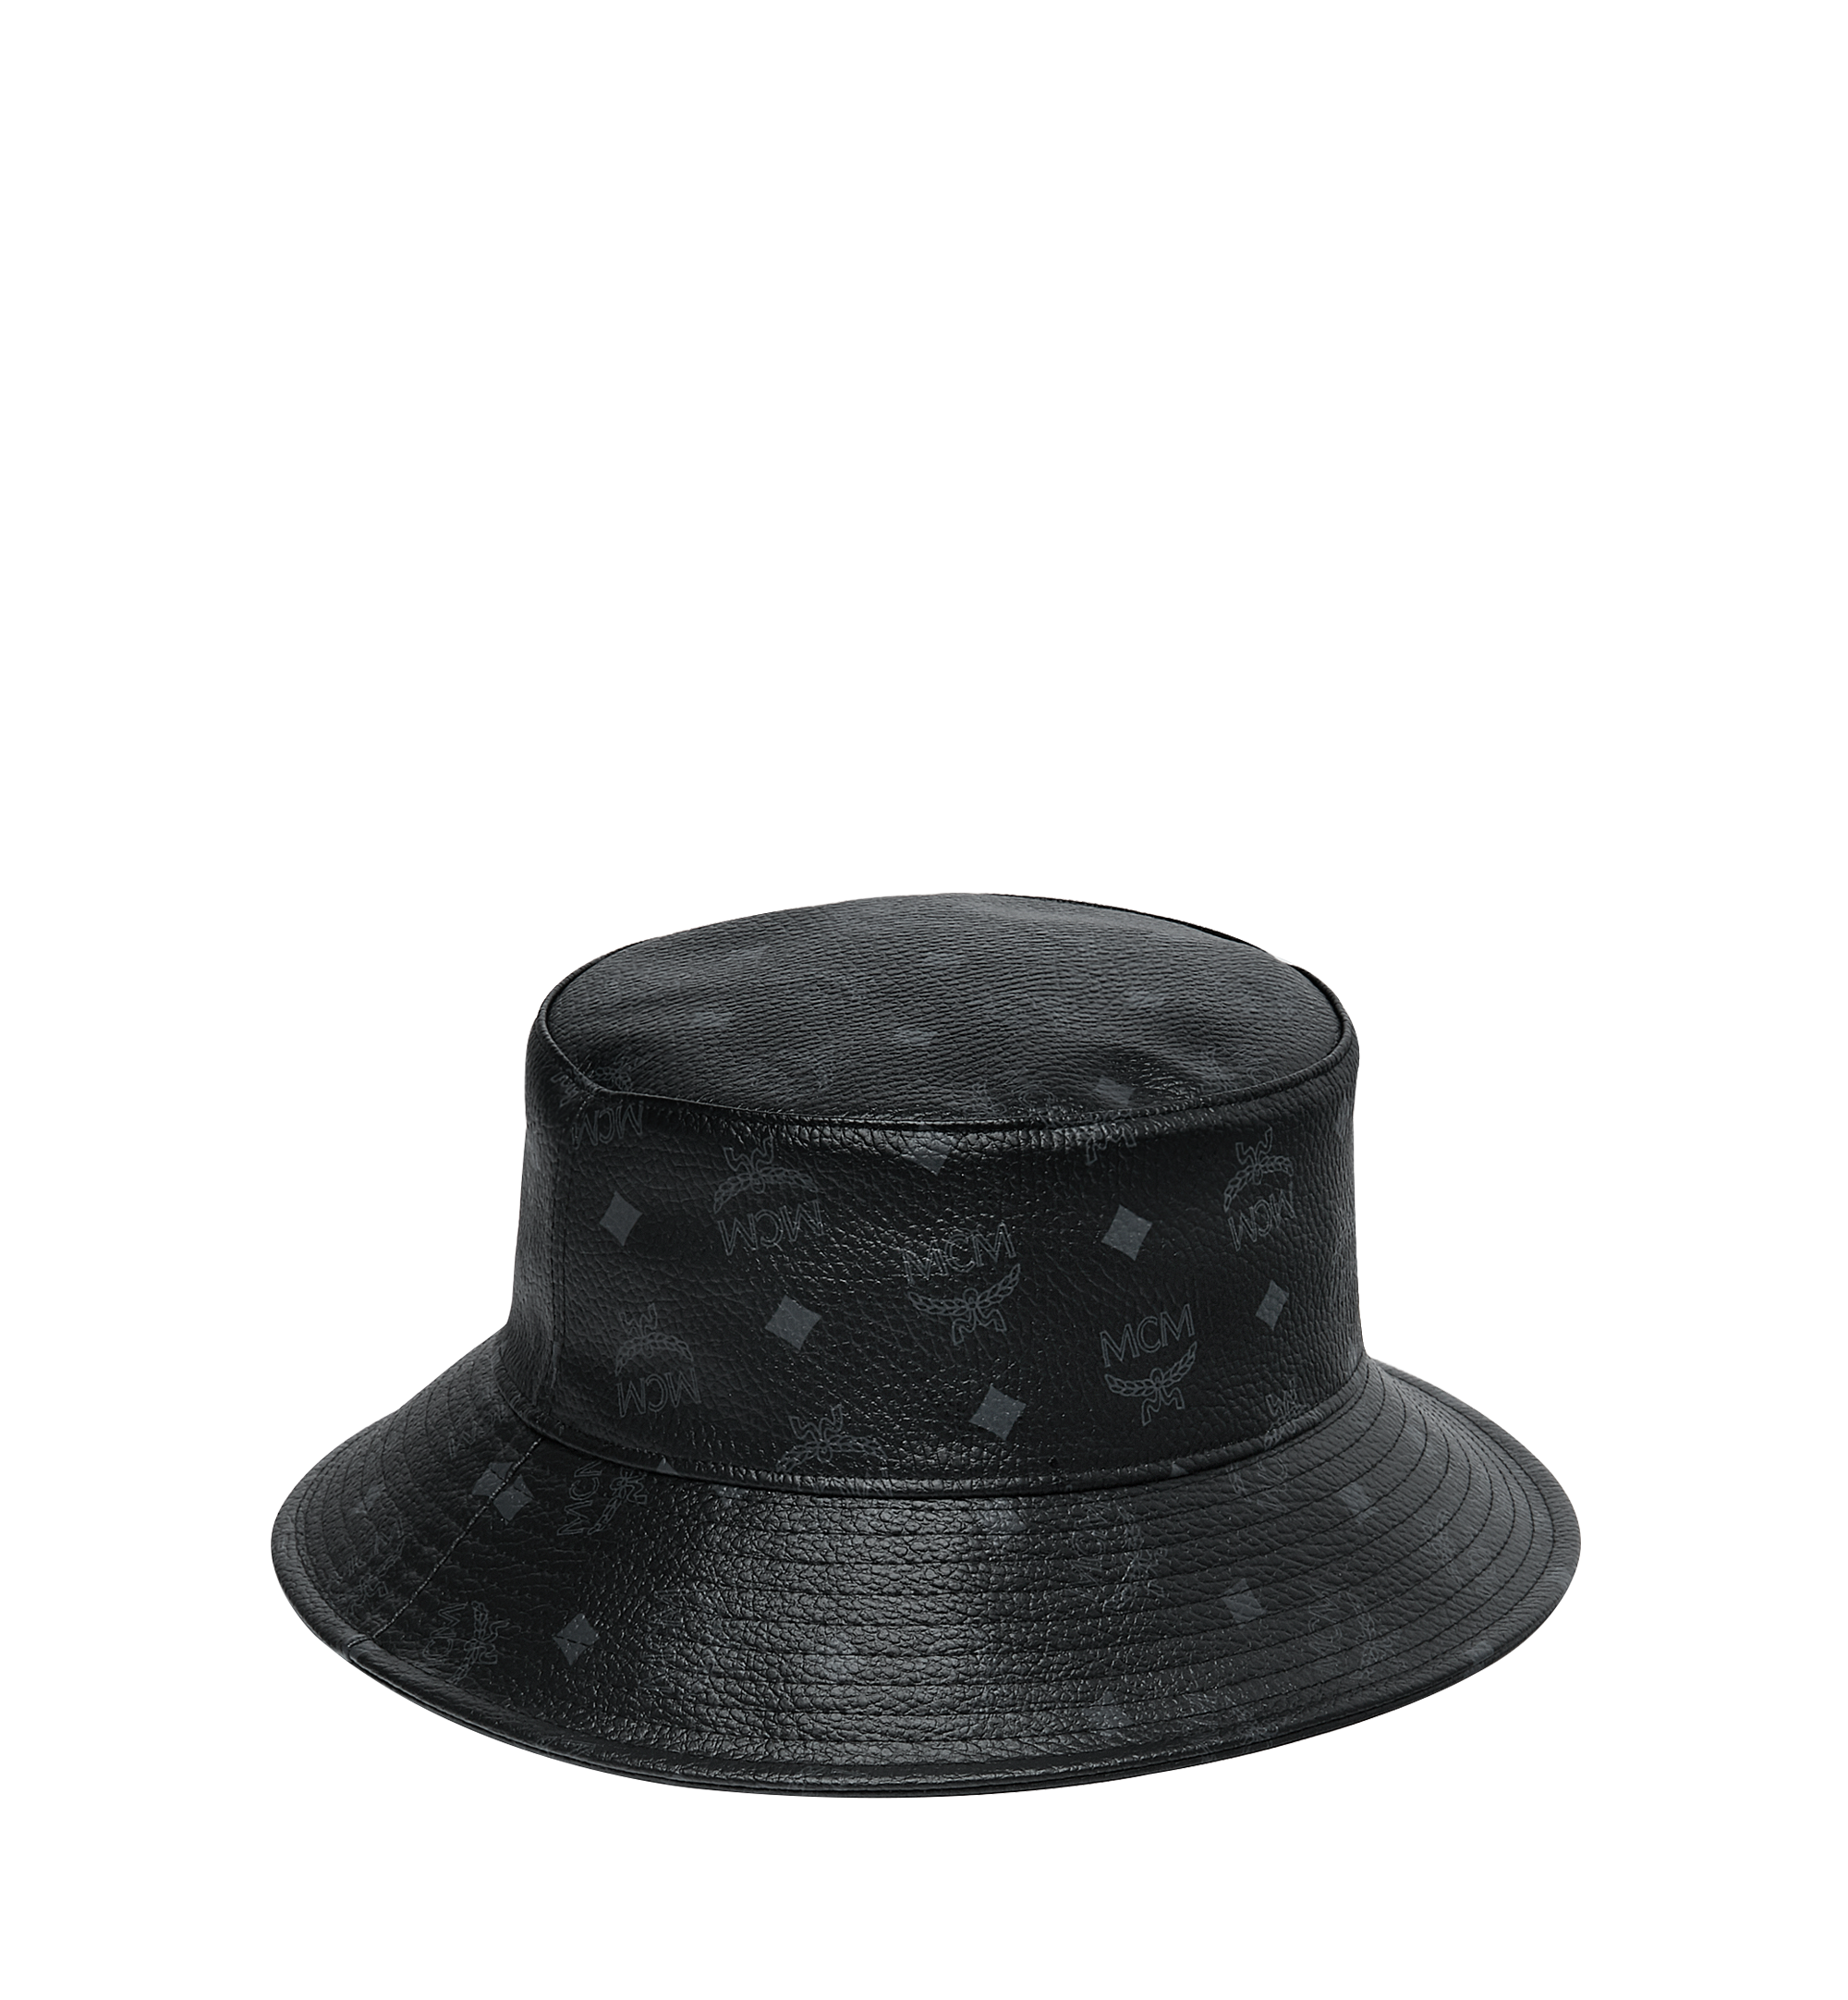 MCM Bucket Hat in Visetos Black MEH9S2K03BK001 Alternate View 1